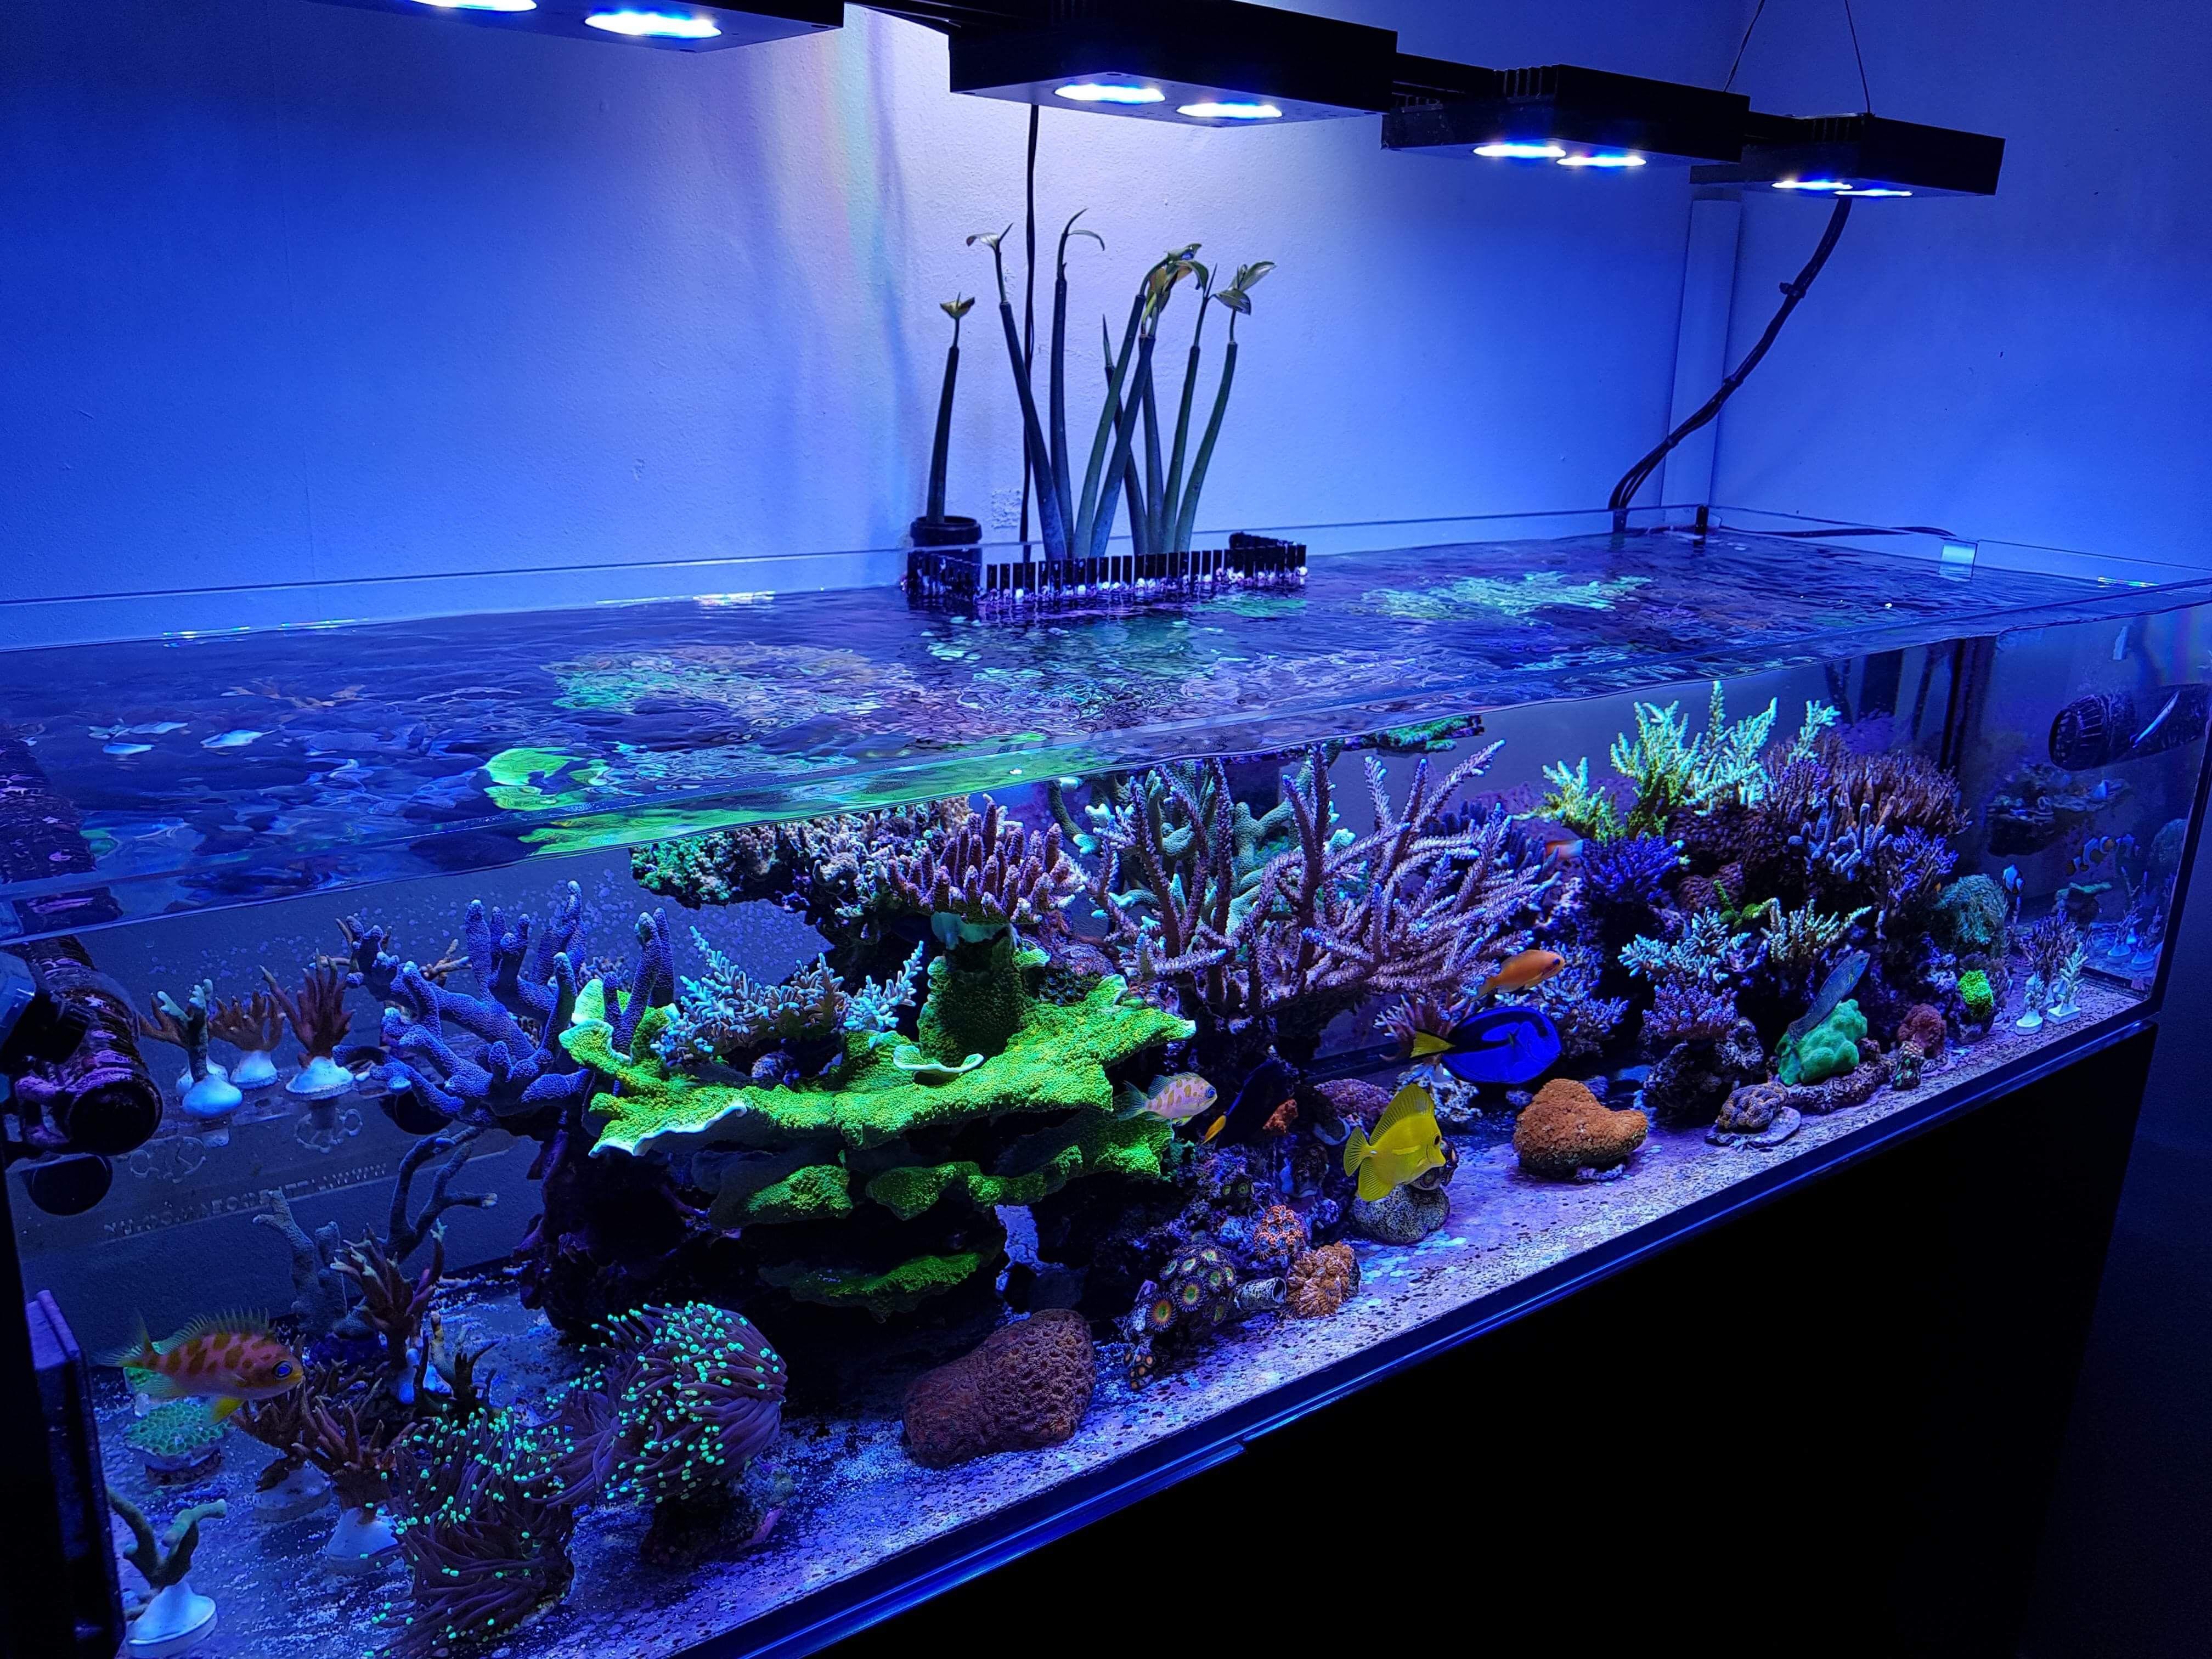 2fecd313fb261ade4420f4031c0e2497 Frais De Aquarium Recifal Complet Concept